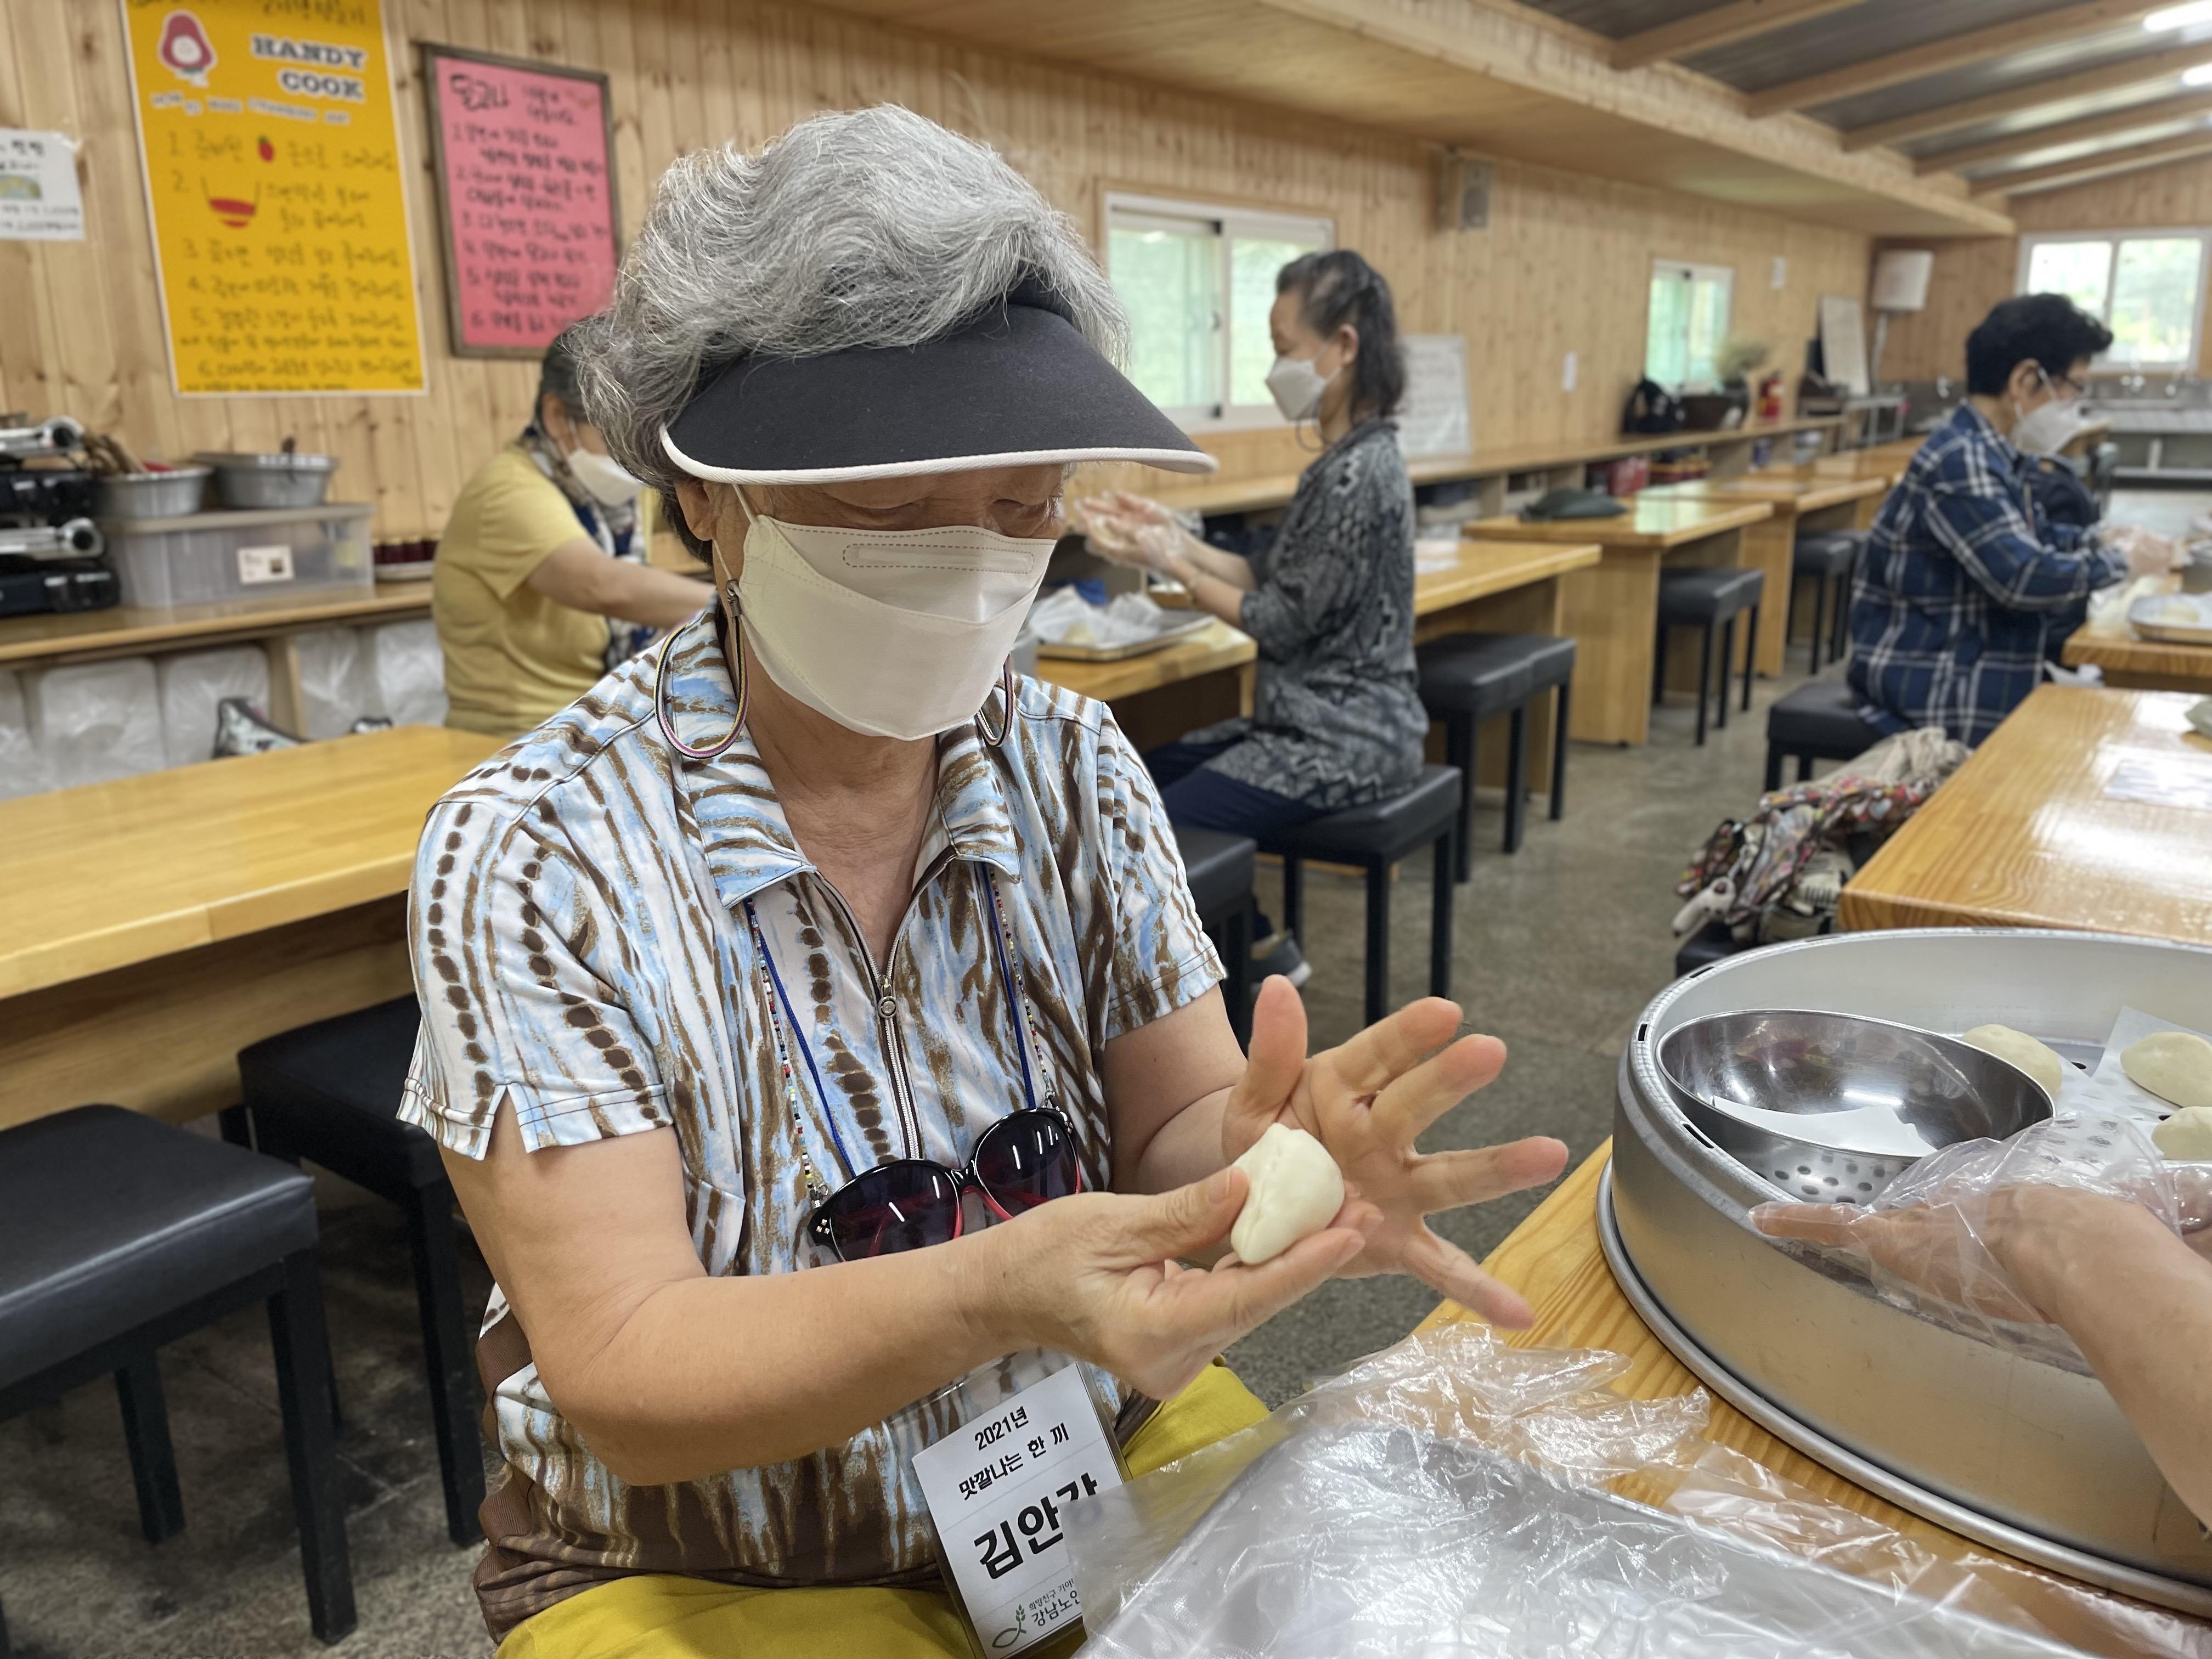 [70+특화사업] 맛깔나는 한 끼 농촌 체험 프로그램 진행